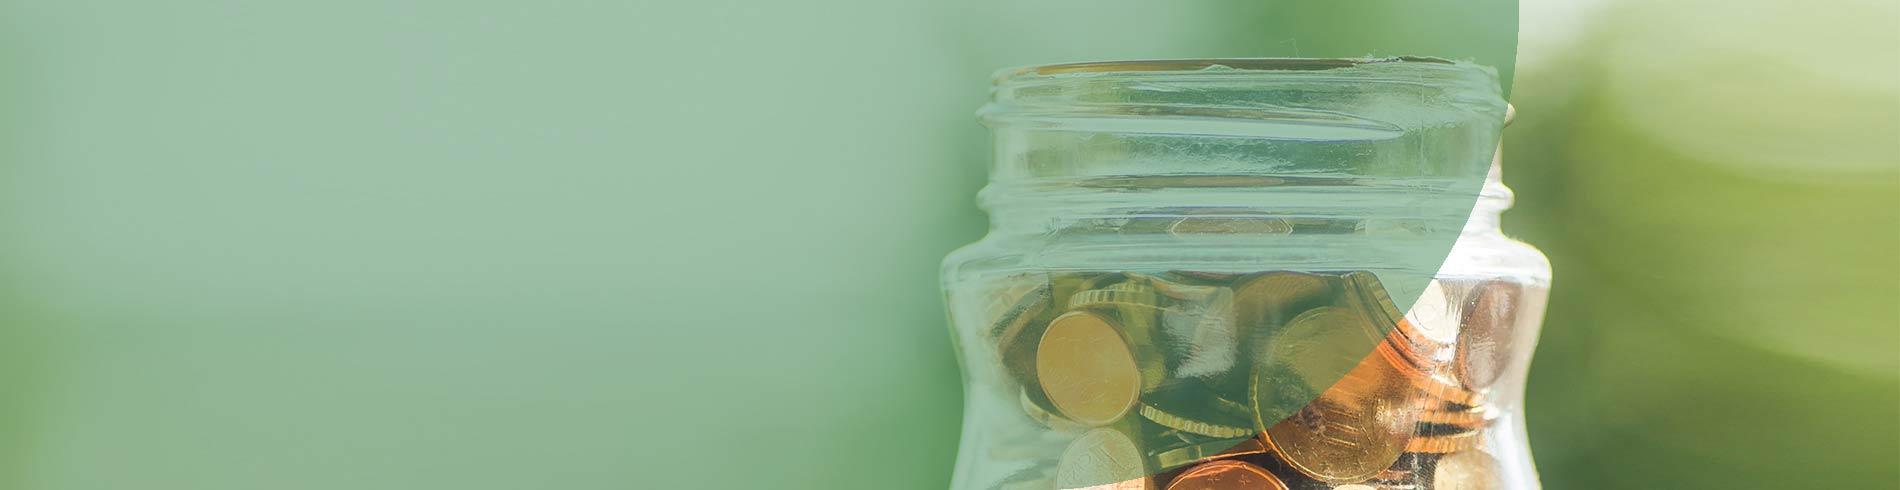 AIELT: pla d'estalvi a llarg termini